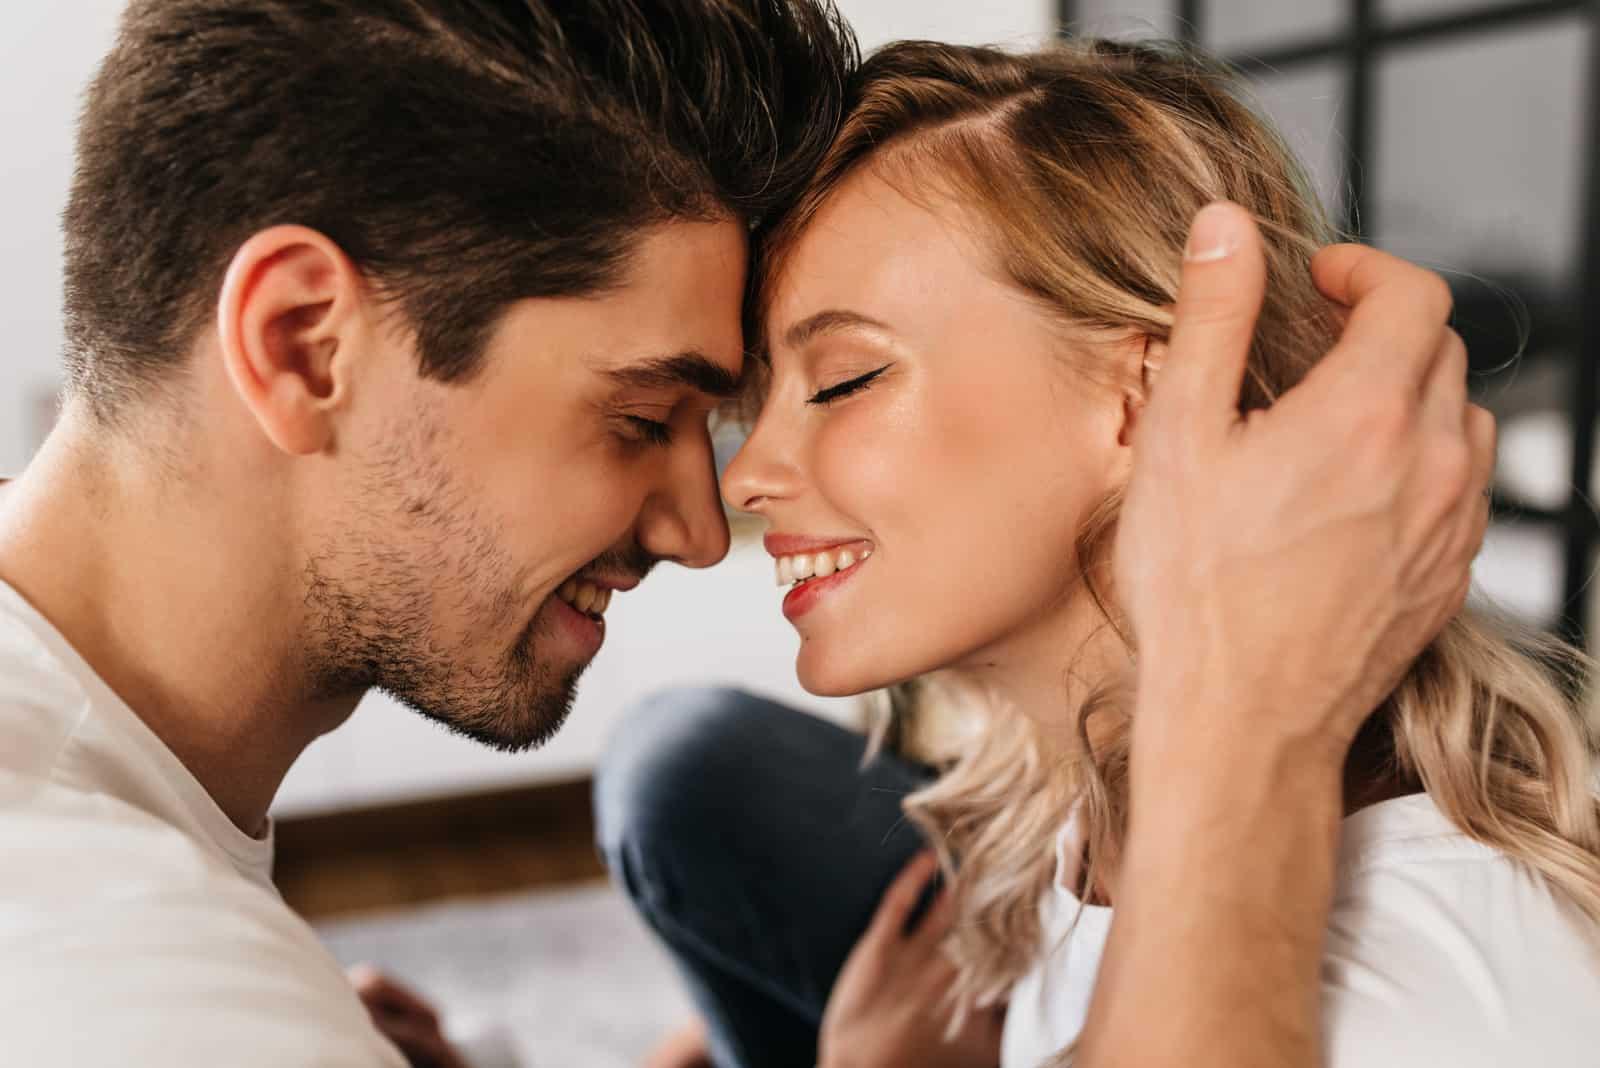 beau couple amoureux câlins à la maison